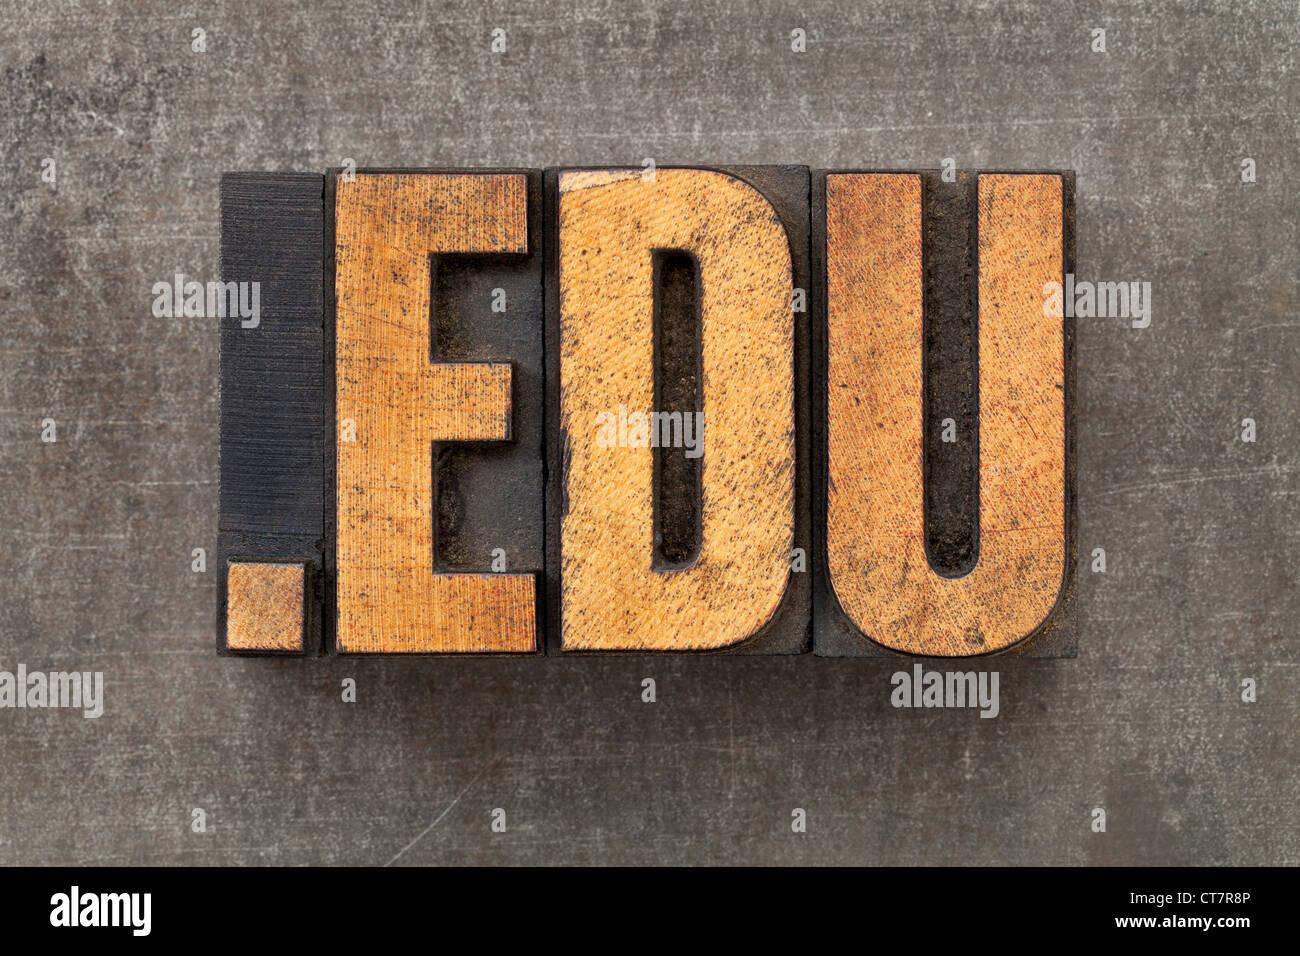 Dot Edu - Internet-Domain für die Ausbildung in Vintage Holz Buchdruck Druckstöcken auf einem Grunge-Blech Stockbild